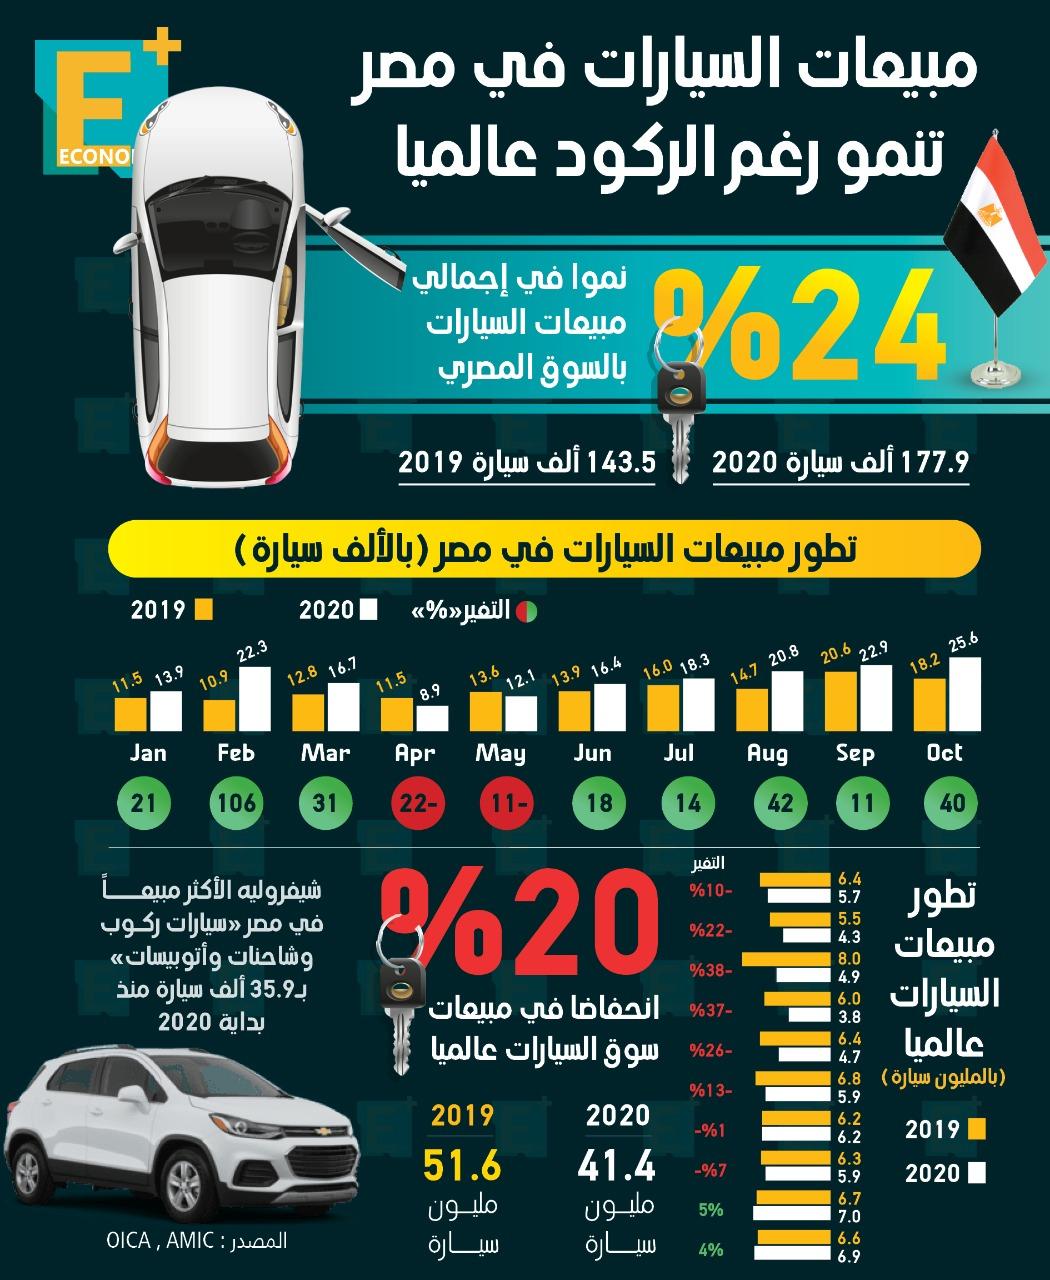 مبيعات السيارات في مصر تنمو رغم الركود عالمياً